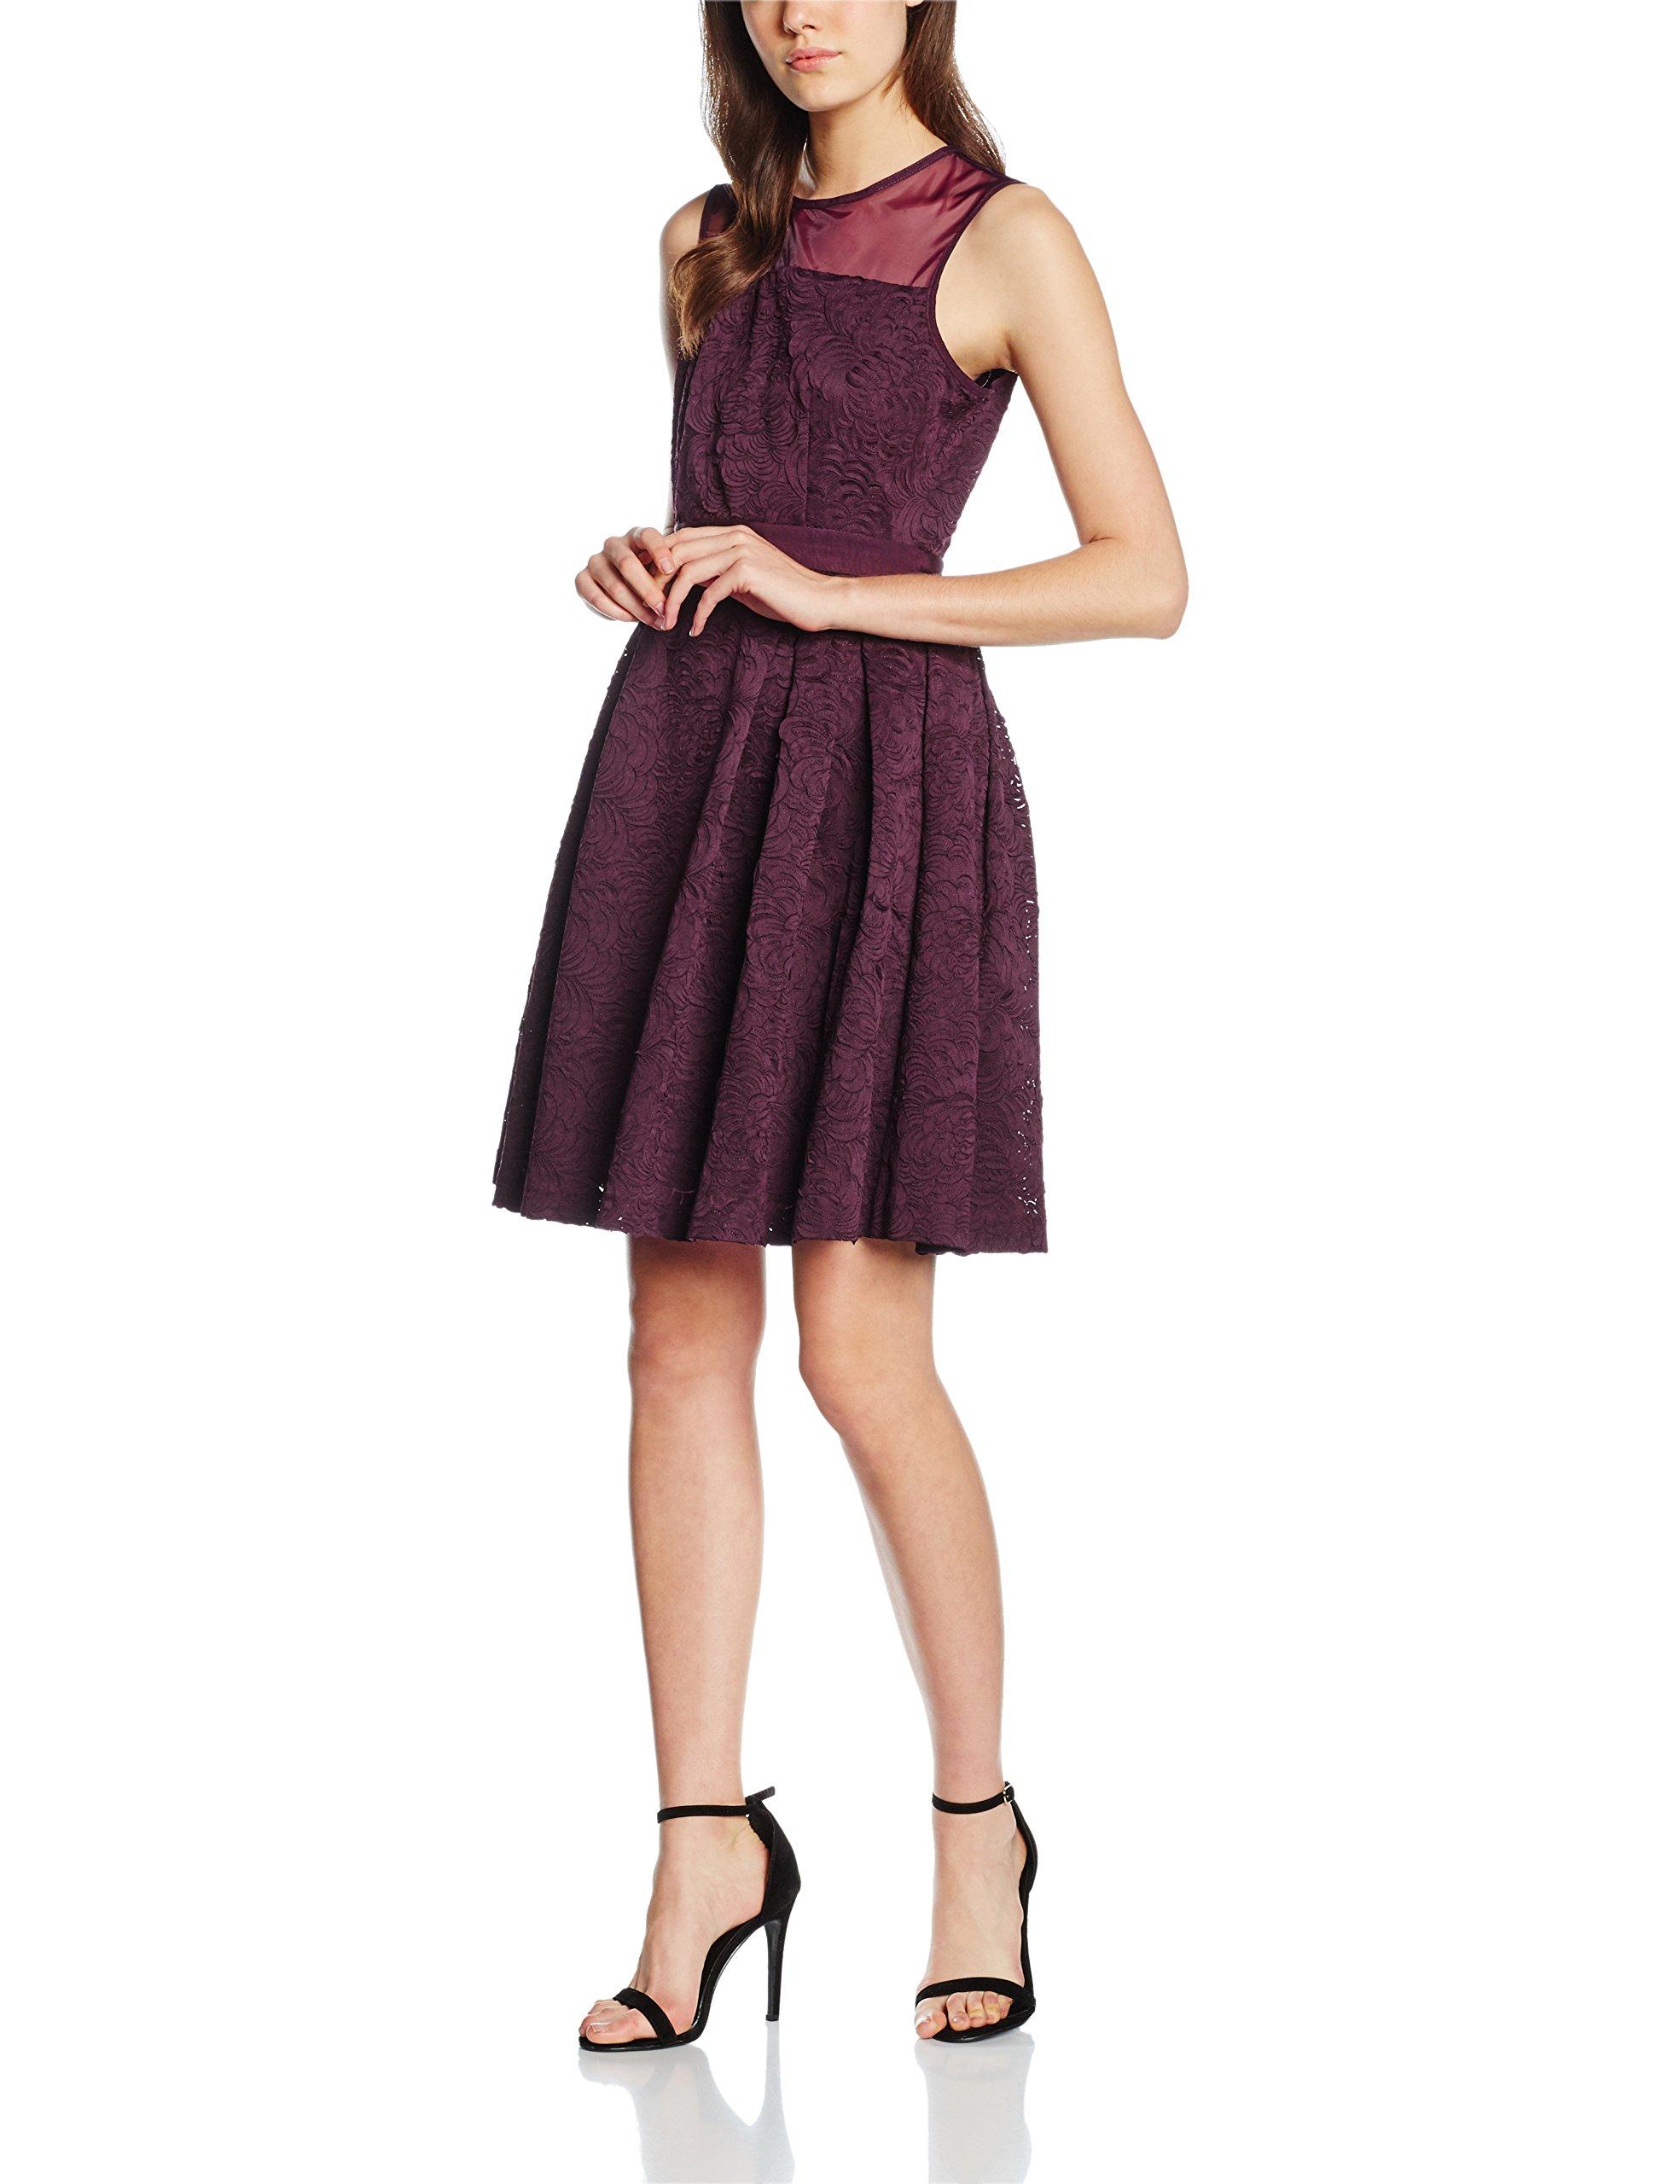 Femme London RobeVioletdamson40 Darling Dress Claris 0ymN8nOvw